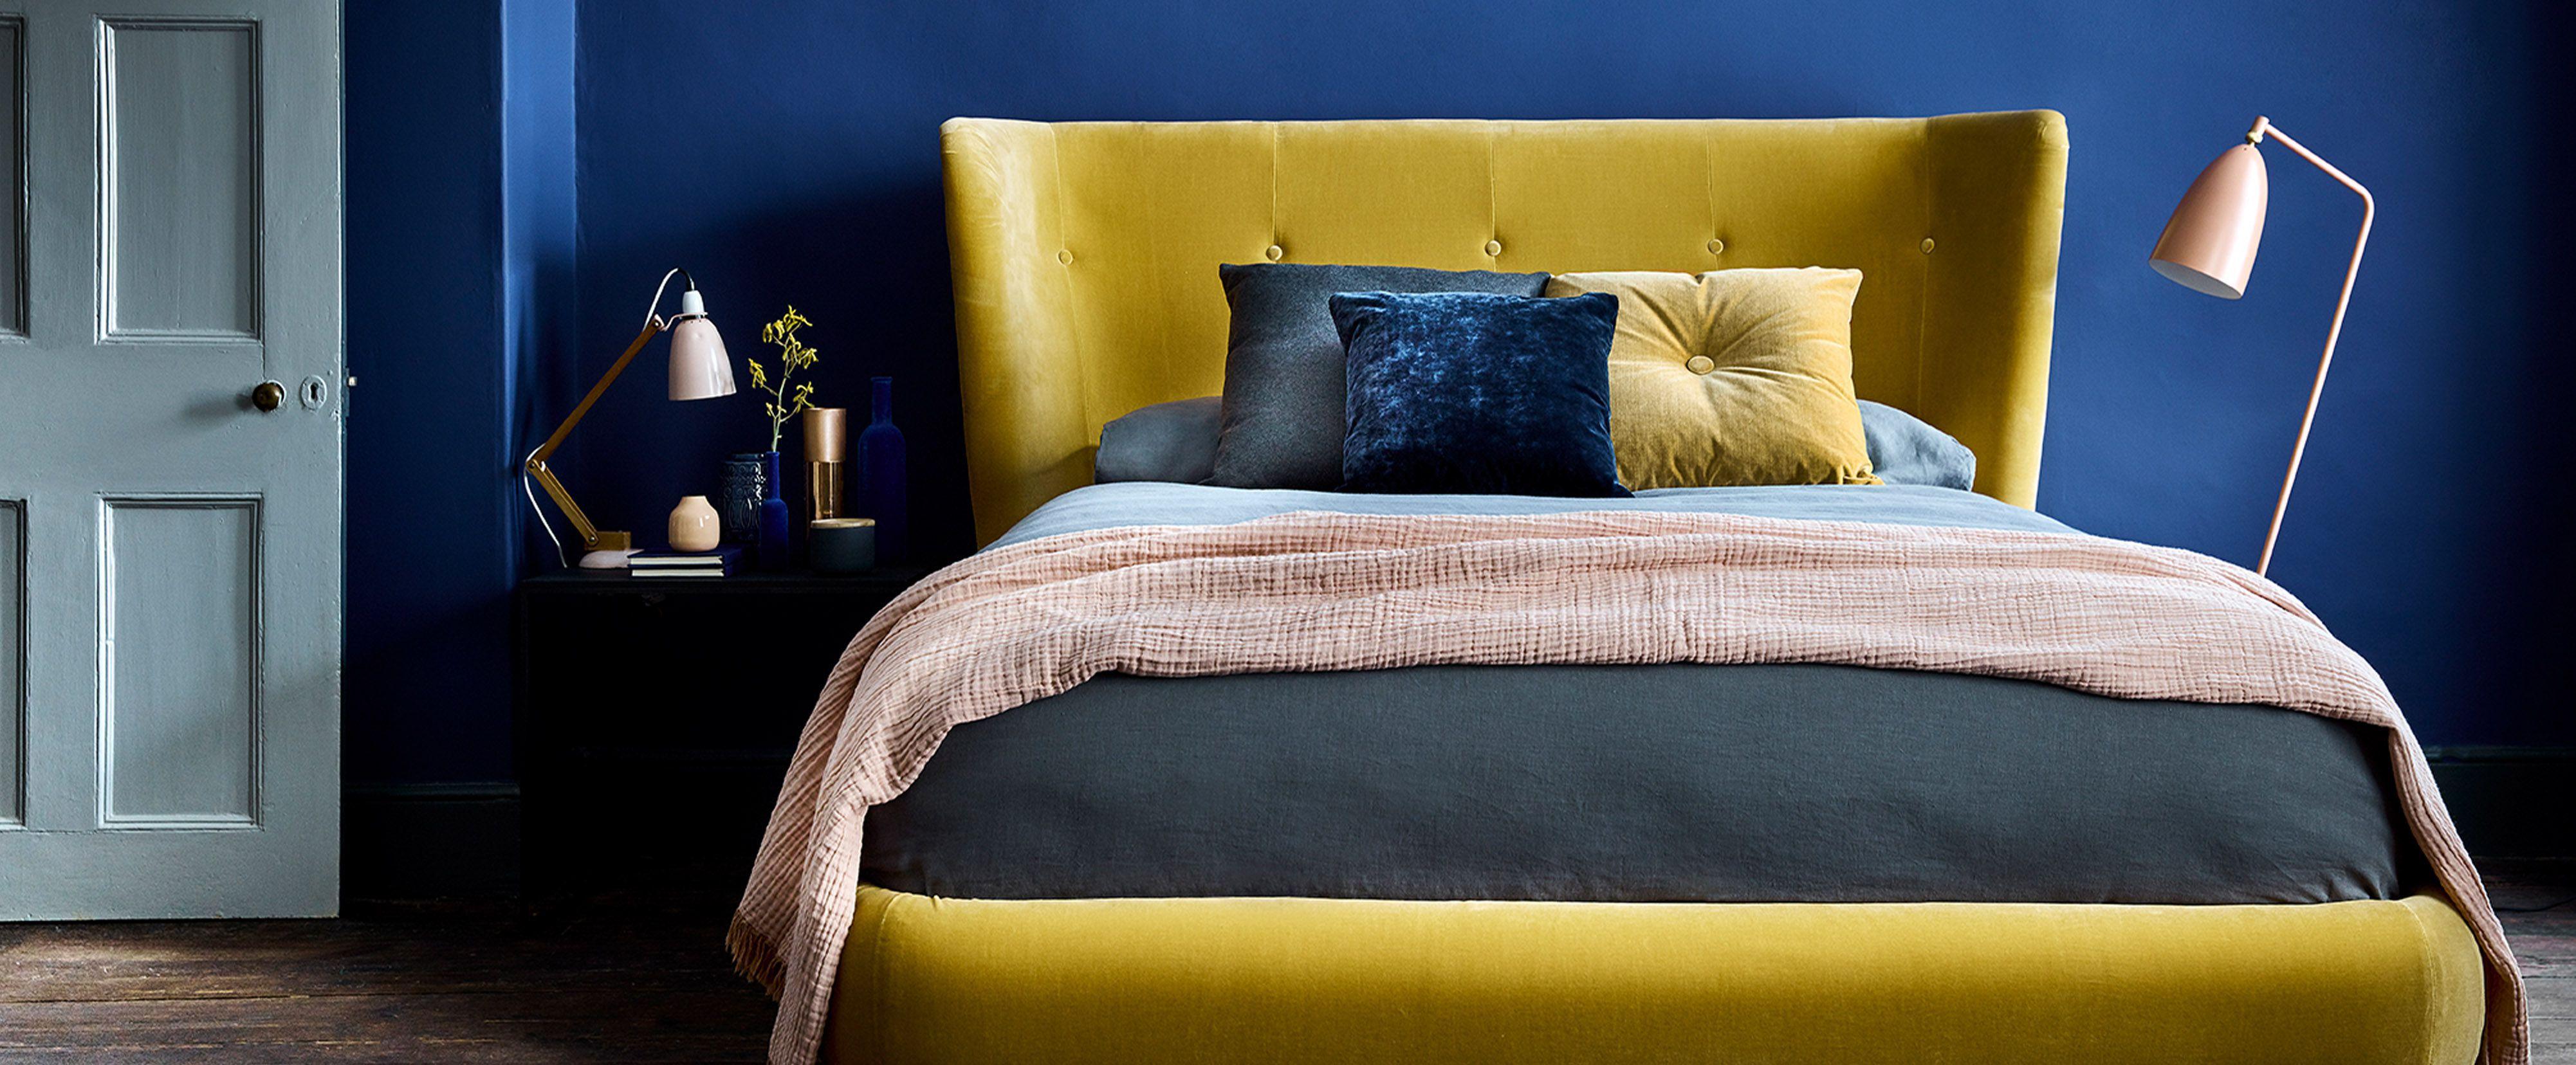 superking-beds.jpg